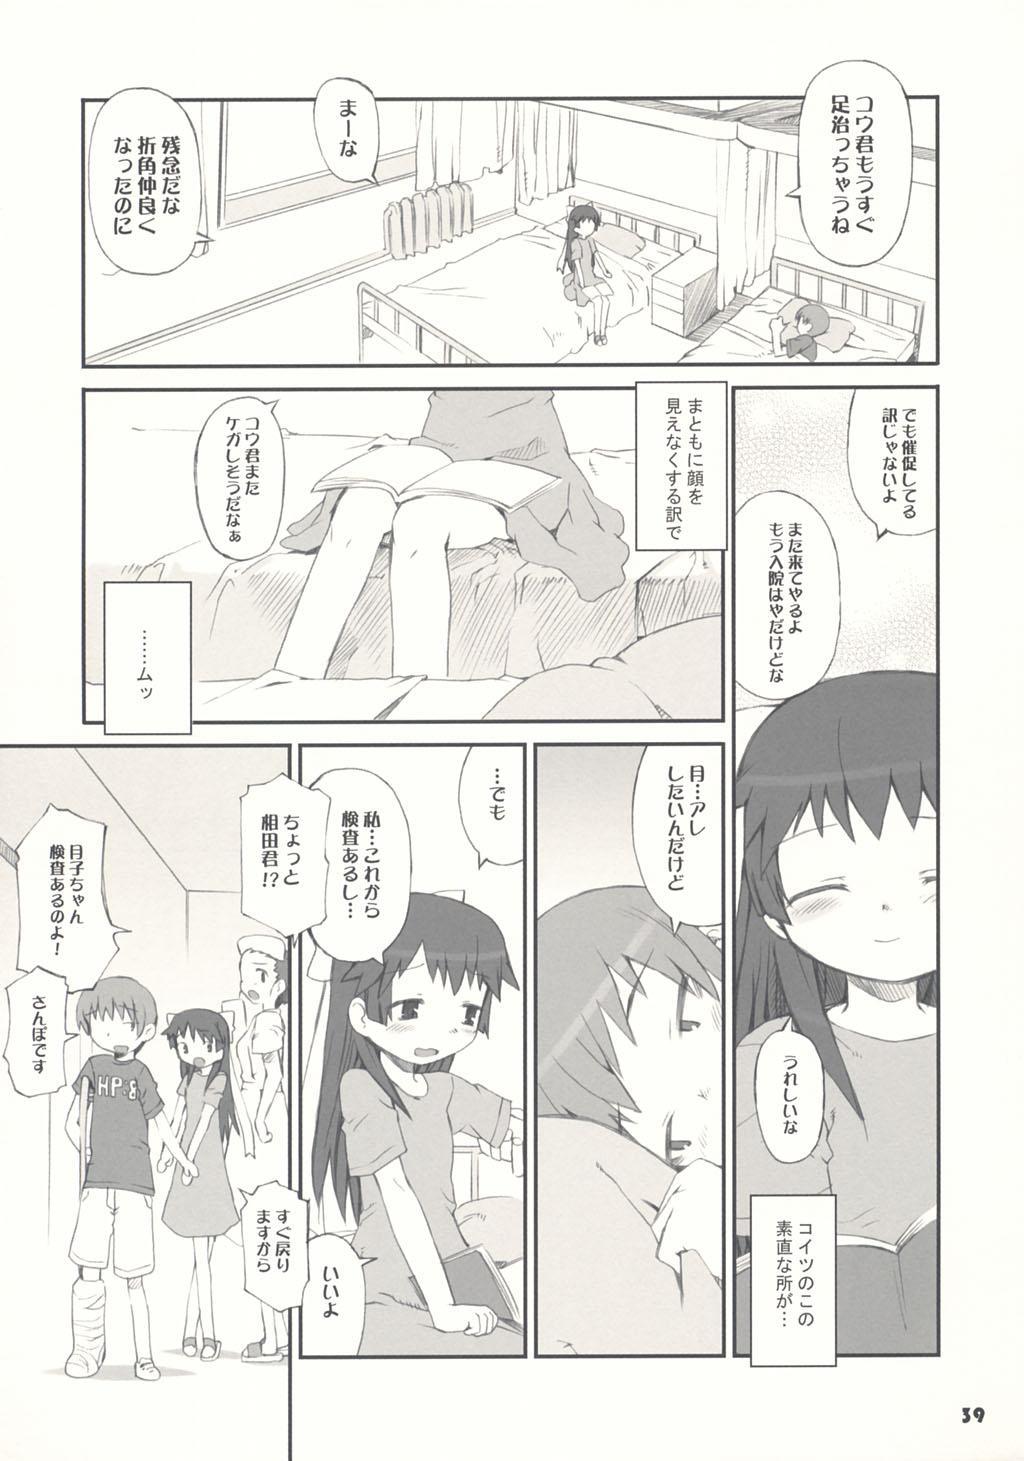 Tonari no Kimi 1-gakki 38